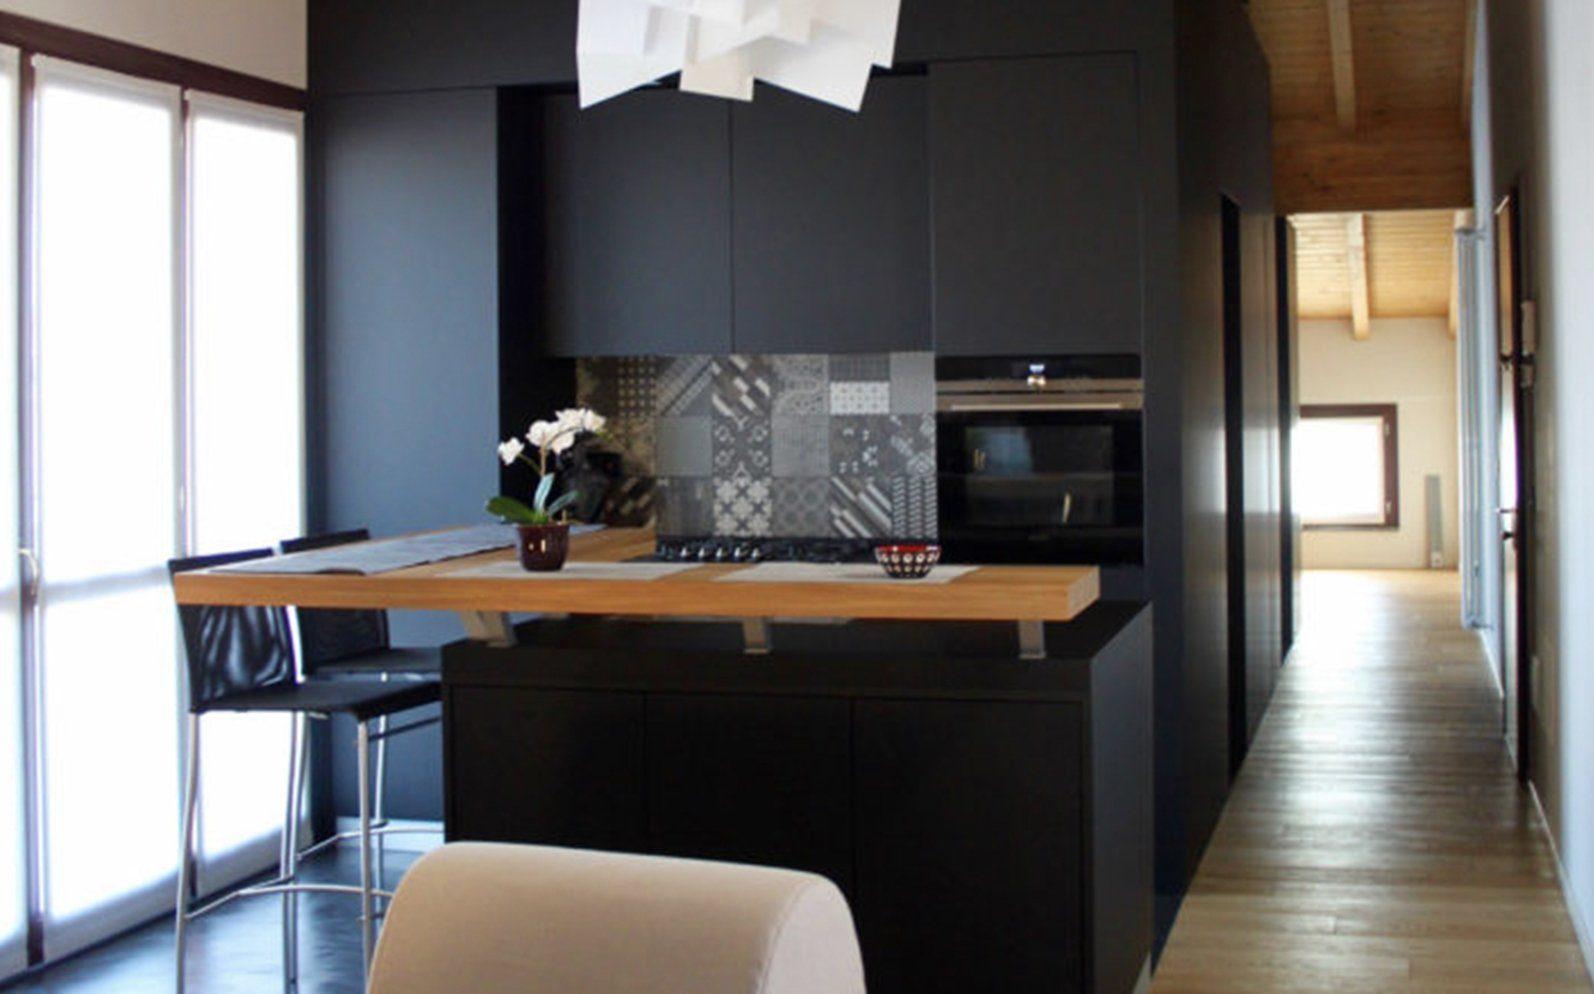 Papier Peint Chambre Mansardée comment aménager un appartement mansardé de 60 m² ? - eclisse